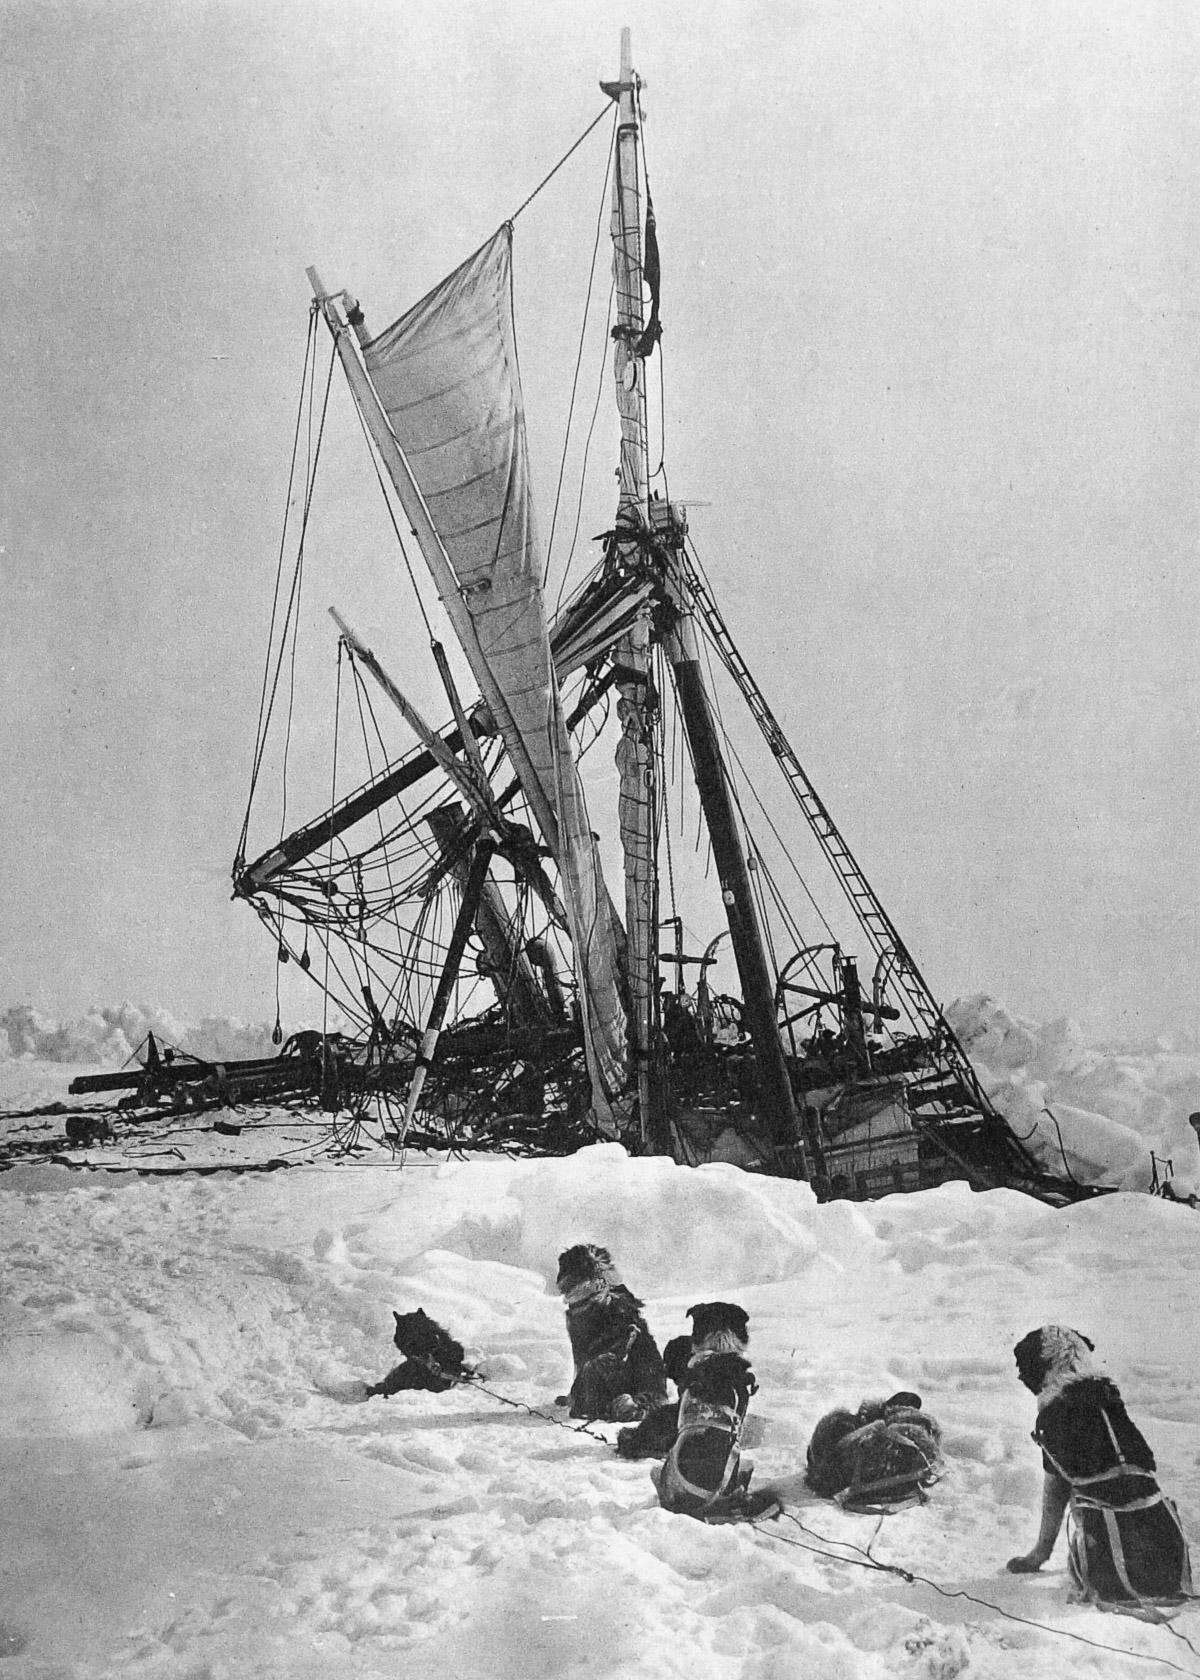 Fotografii Imperskoy transantarkticheskoy ekspeditsiey 42